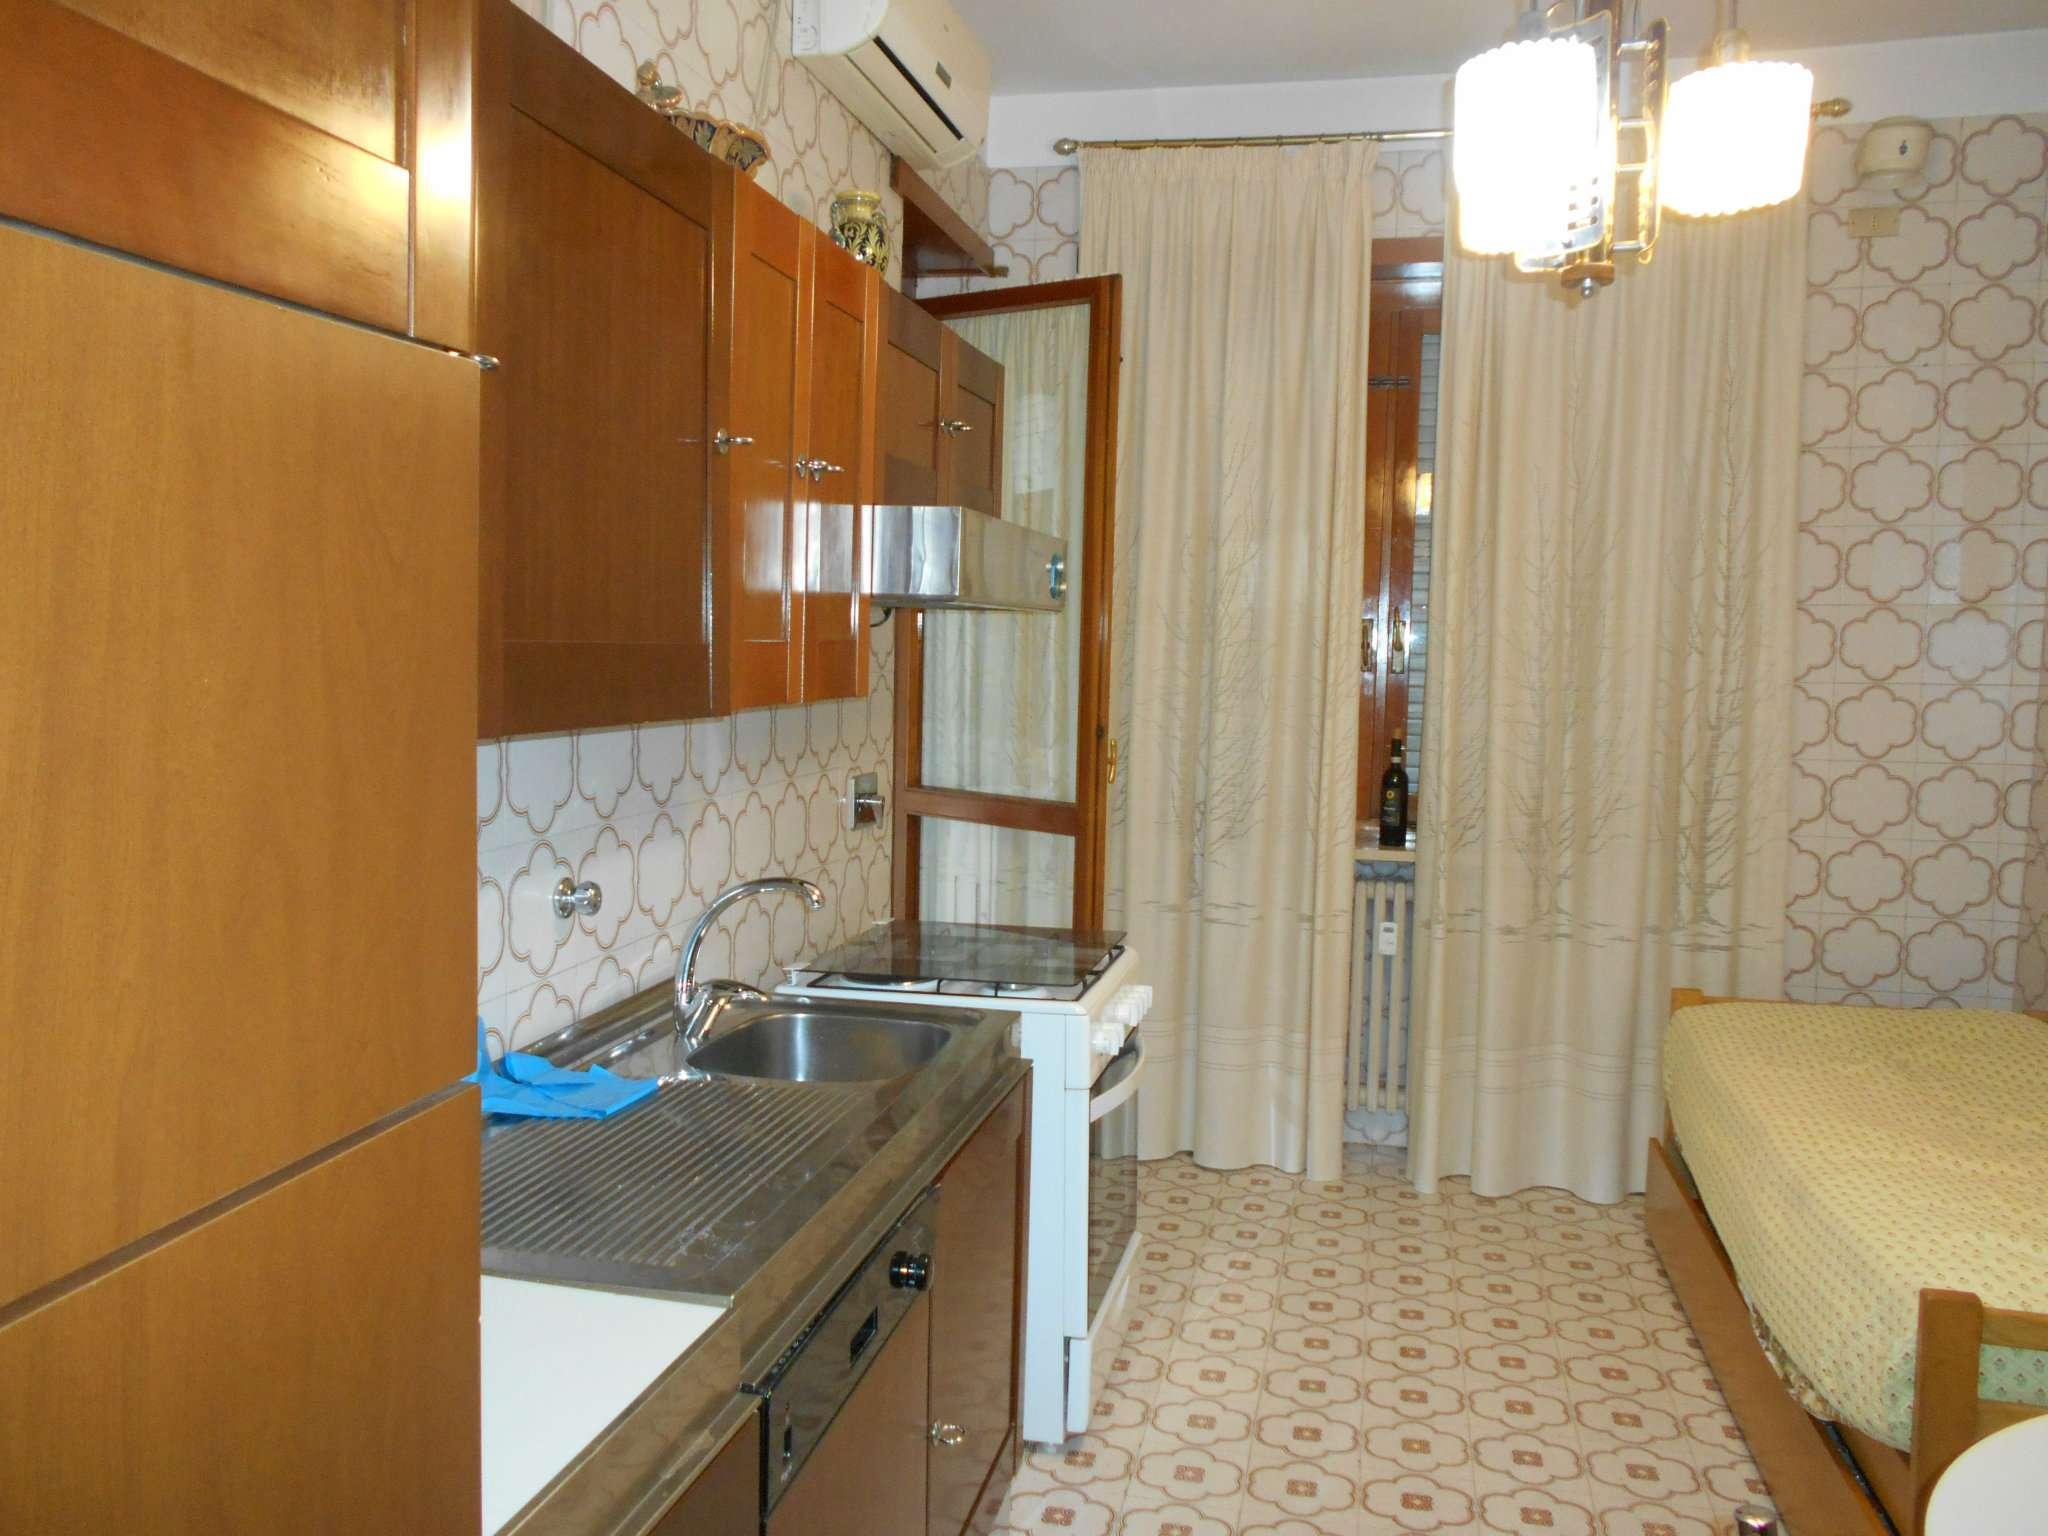 Appartamento in affitto a Torino, 3 locali, zona Zona: 15 . Pozzo Strada, Parella, prezzo € 580 | CambioCasa.it